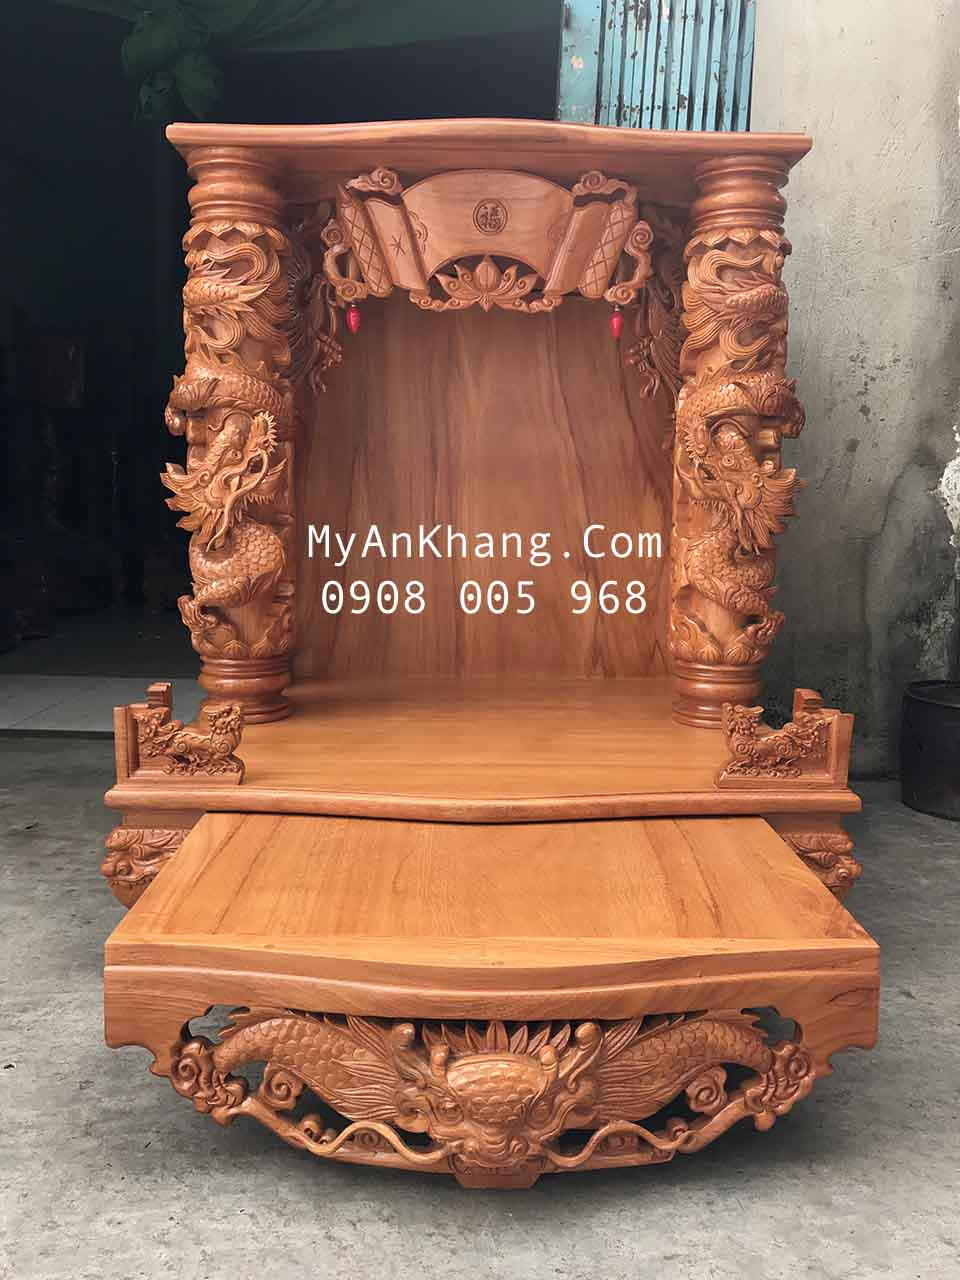 Bàn thờ ông địa đẹp VIP vip 89 gỗ gõ đỏ